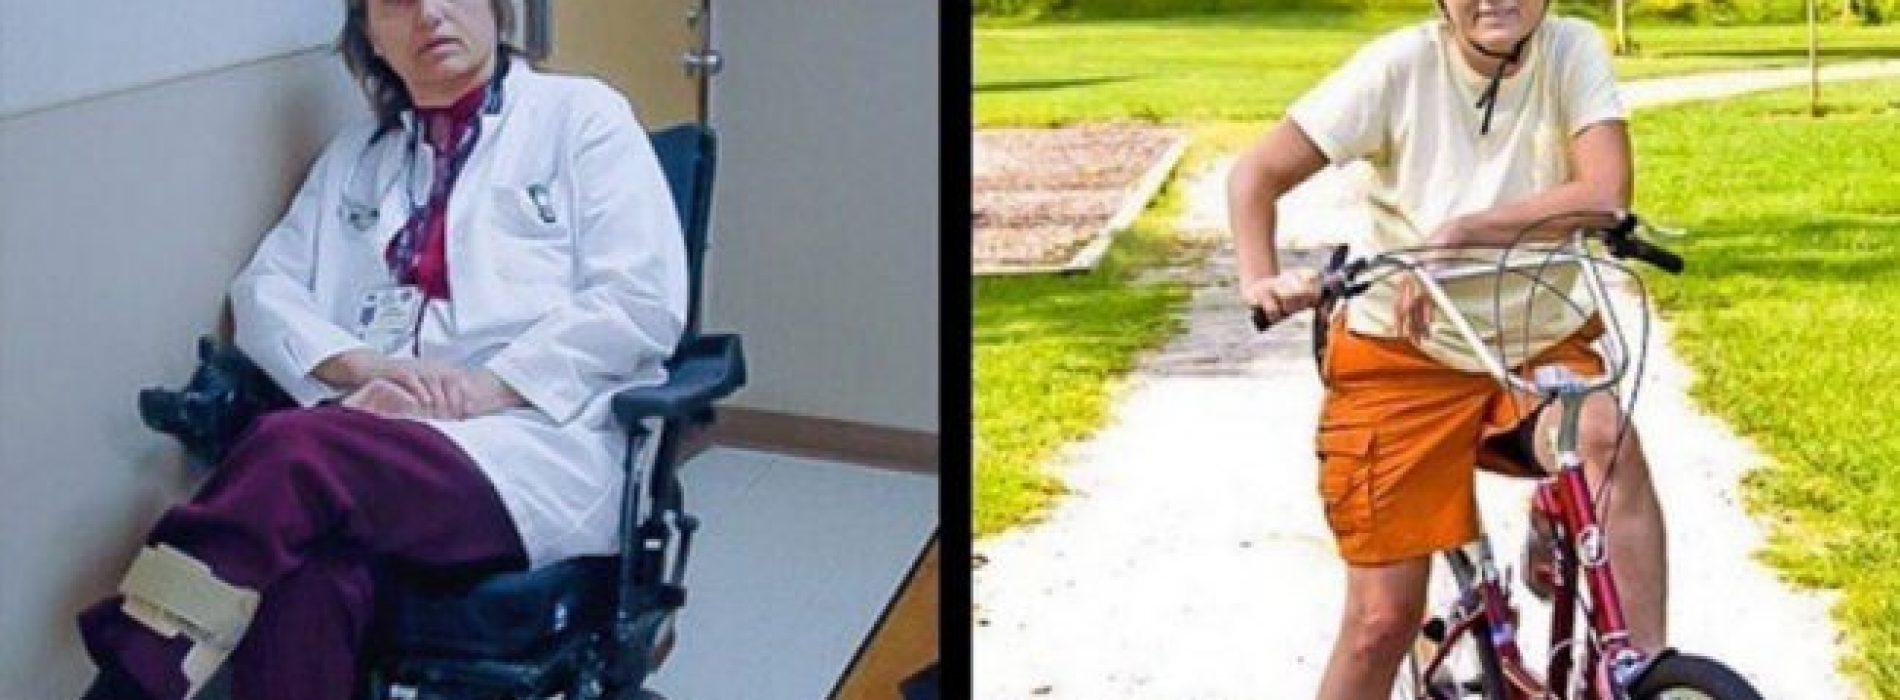 Van bedlegerig naar fietsen: ontmoet de vrouw die MS met dieet aanpakte